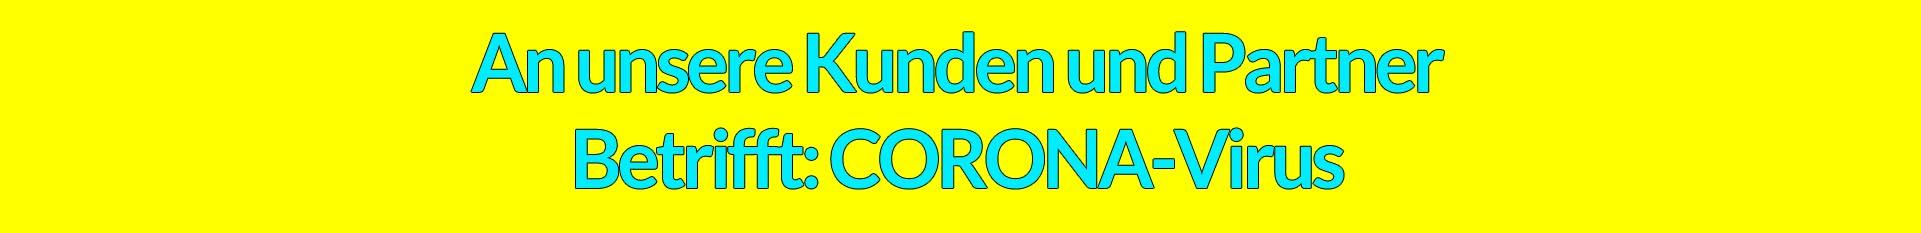 Link zum Hygiene-Aushang 'Corona-Virus'